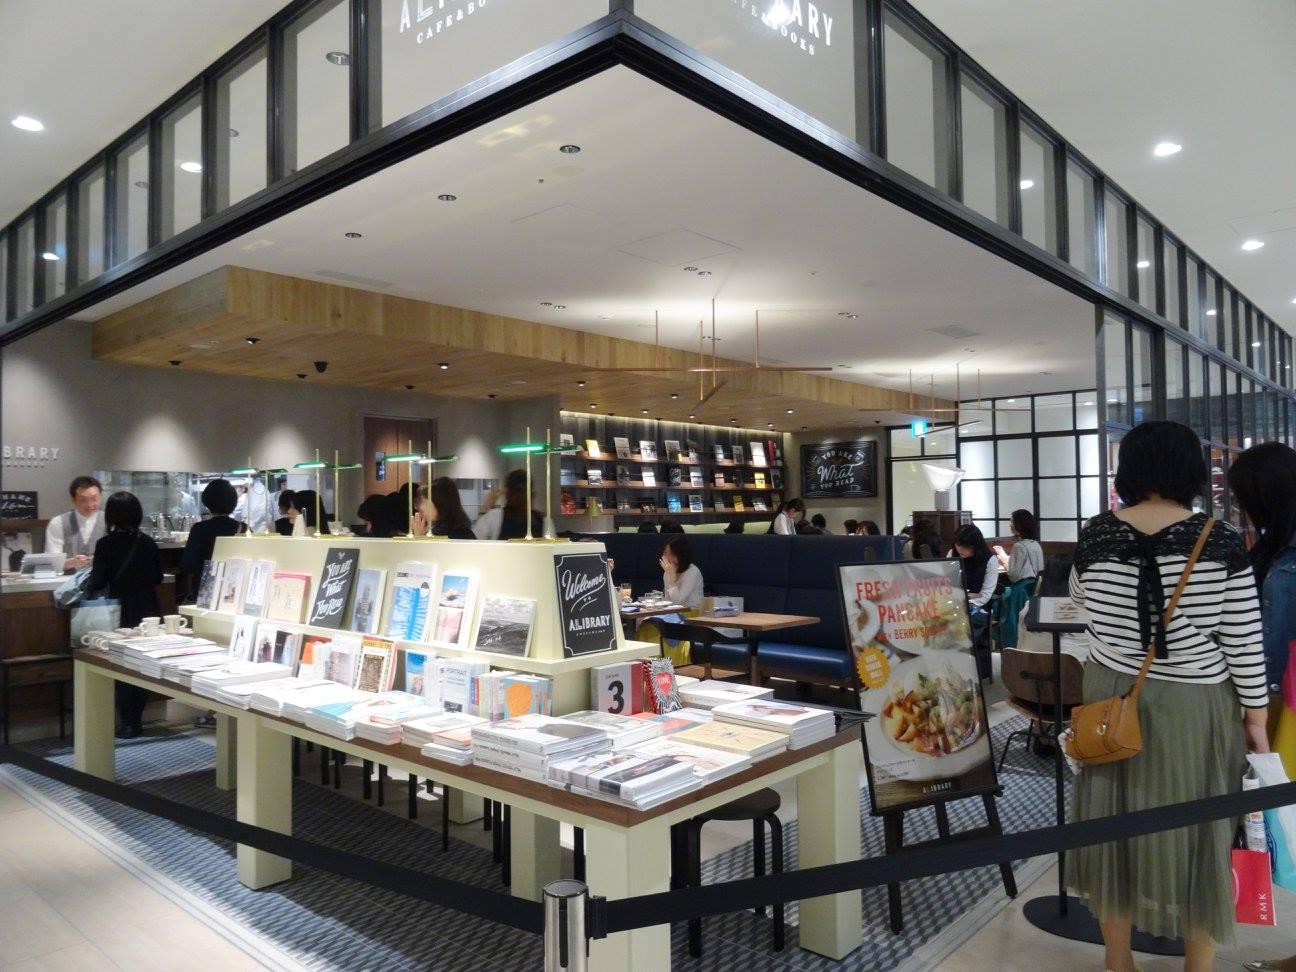 4月17日オープン!『タカシマヤ ゲートタワーモール』の見どころをご紹介! - takashimaya23